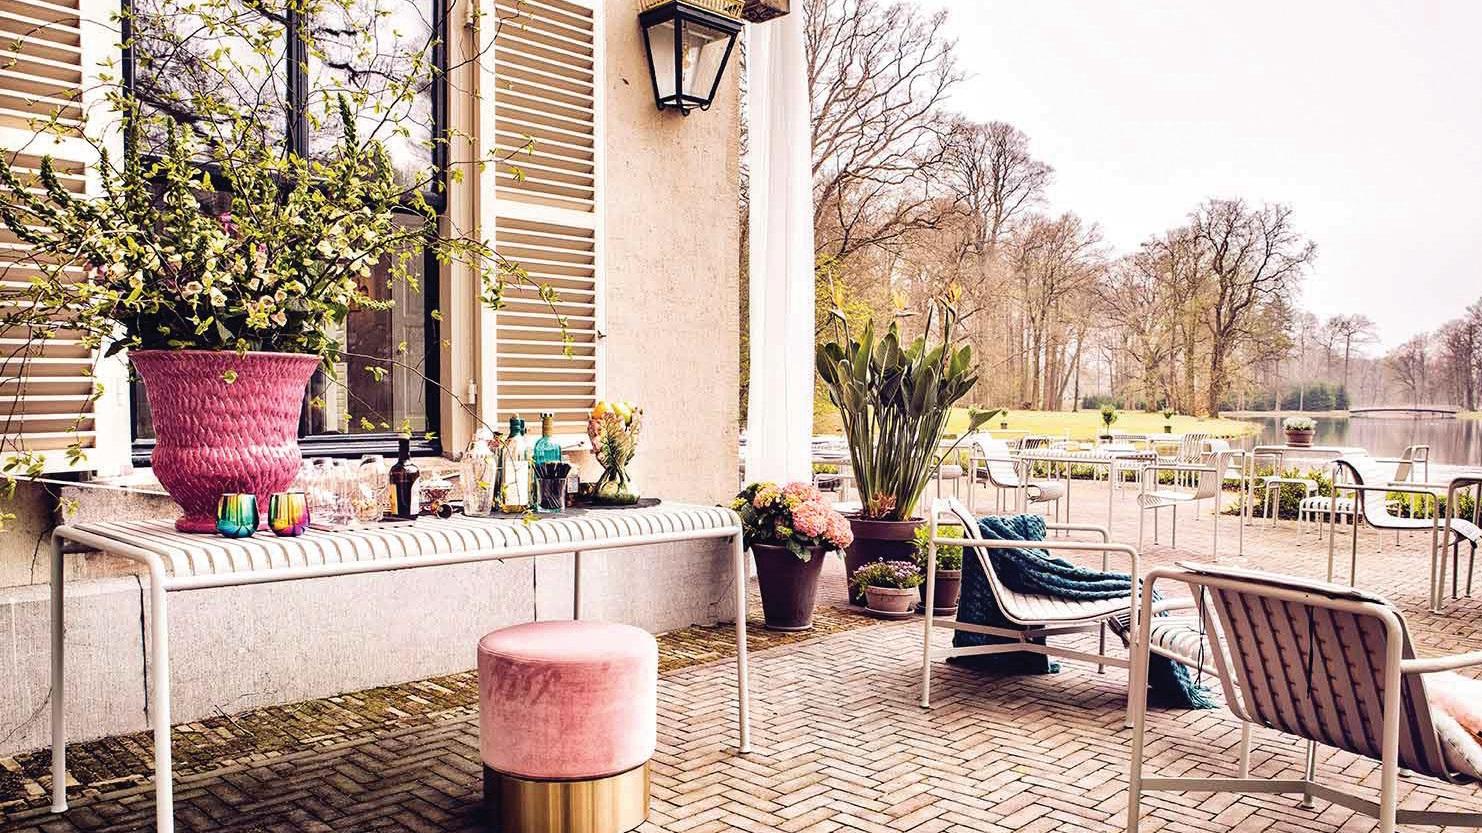 Žaismingi rožiniai akcentai puošia ne tik viešbučio interjerą, bet ir lauko erdvę